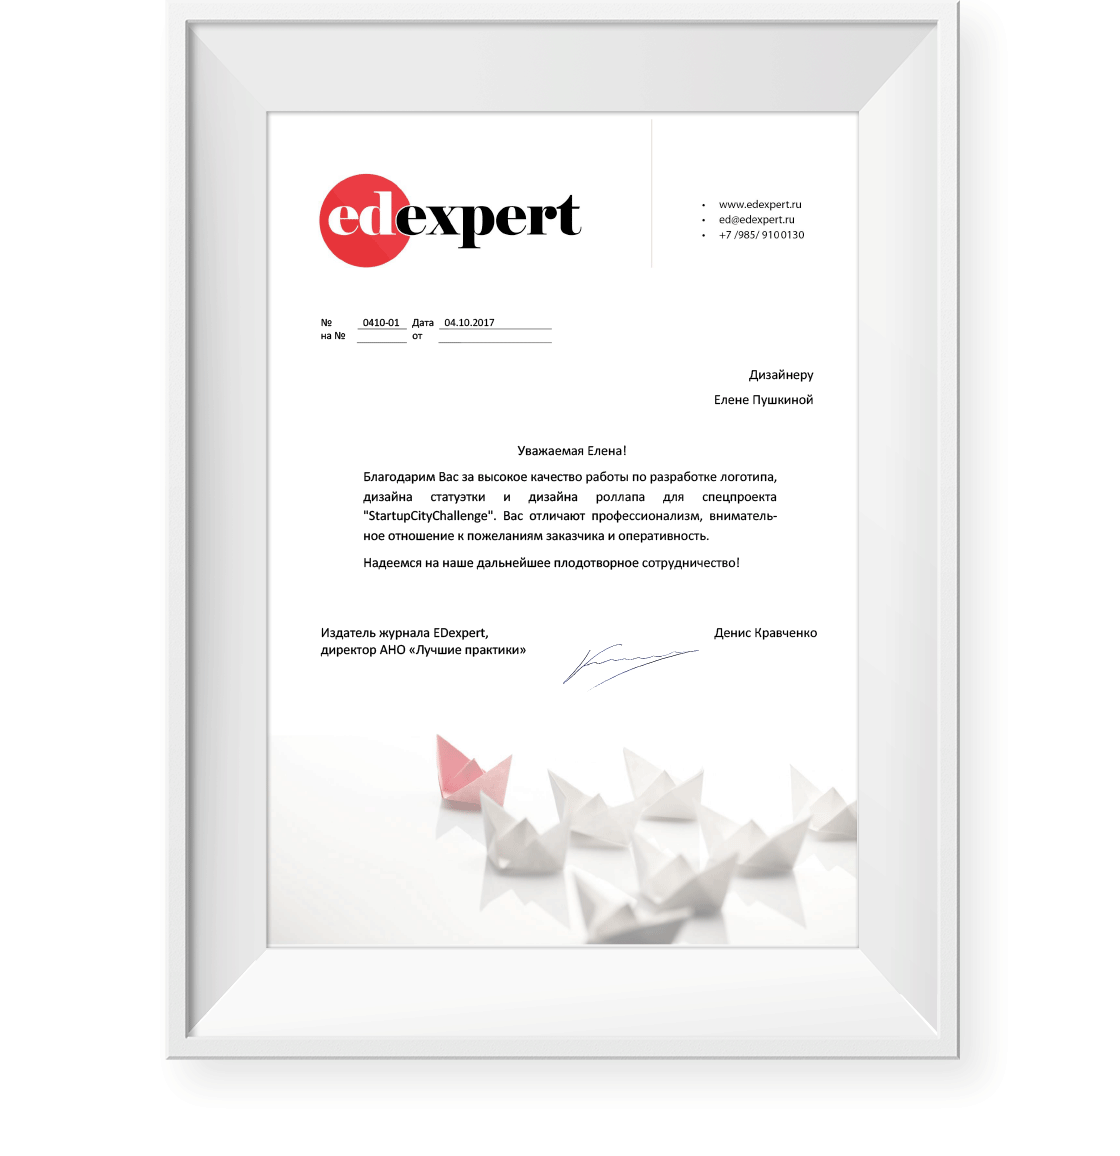 Журнал «EDexpert» Рекомендации